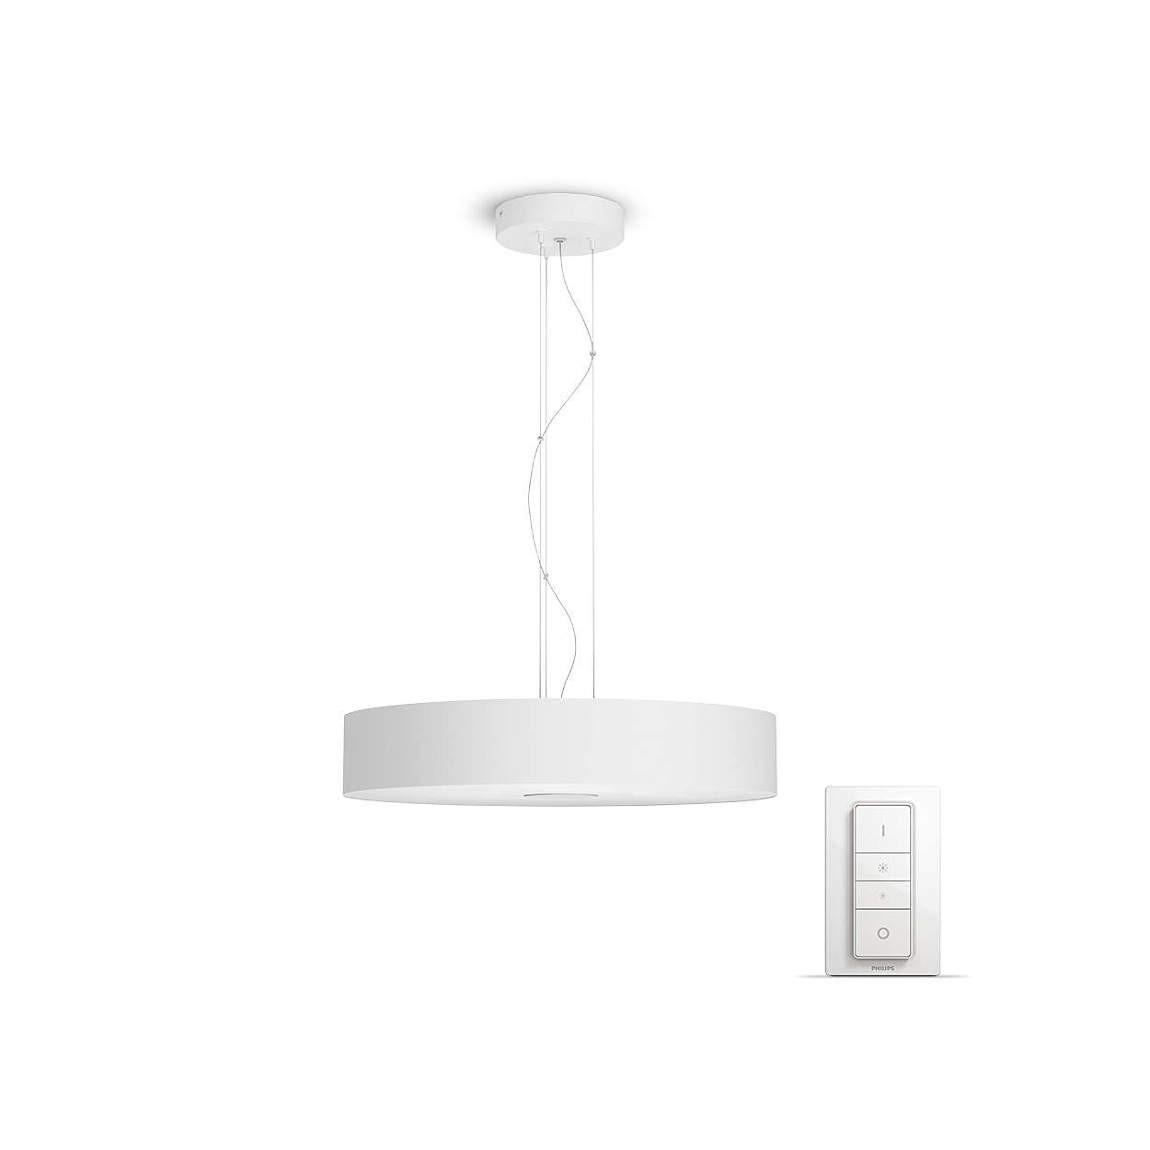 Philips Hue White Ambiance Fair - Pendelleuchte & Dimmschalter - Weiß